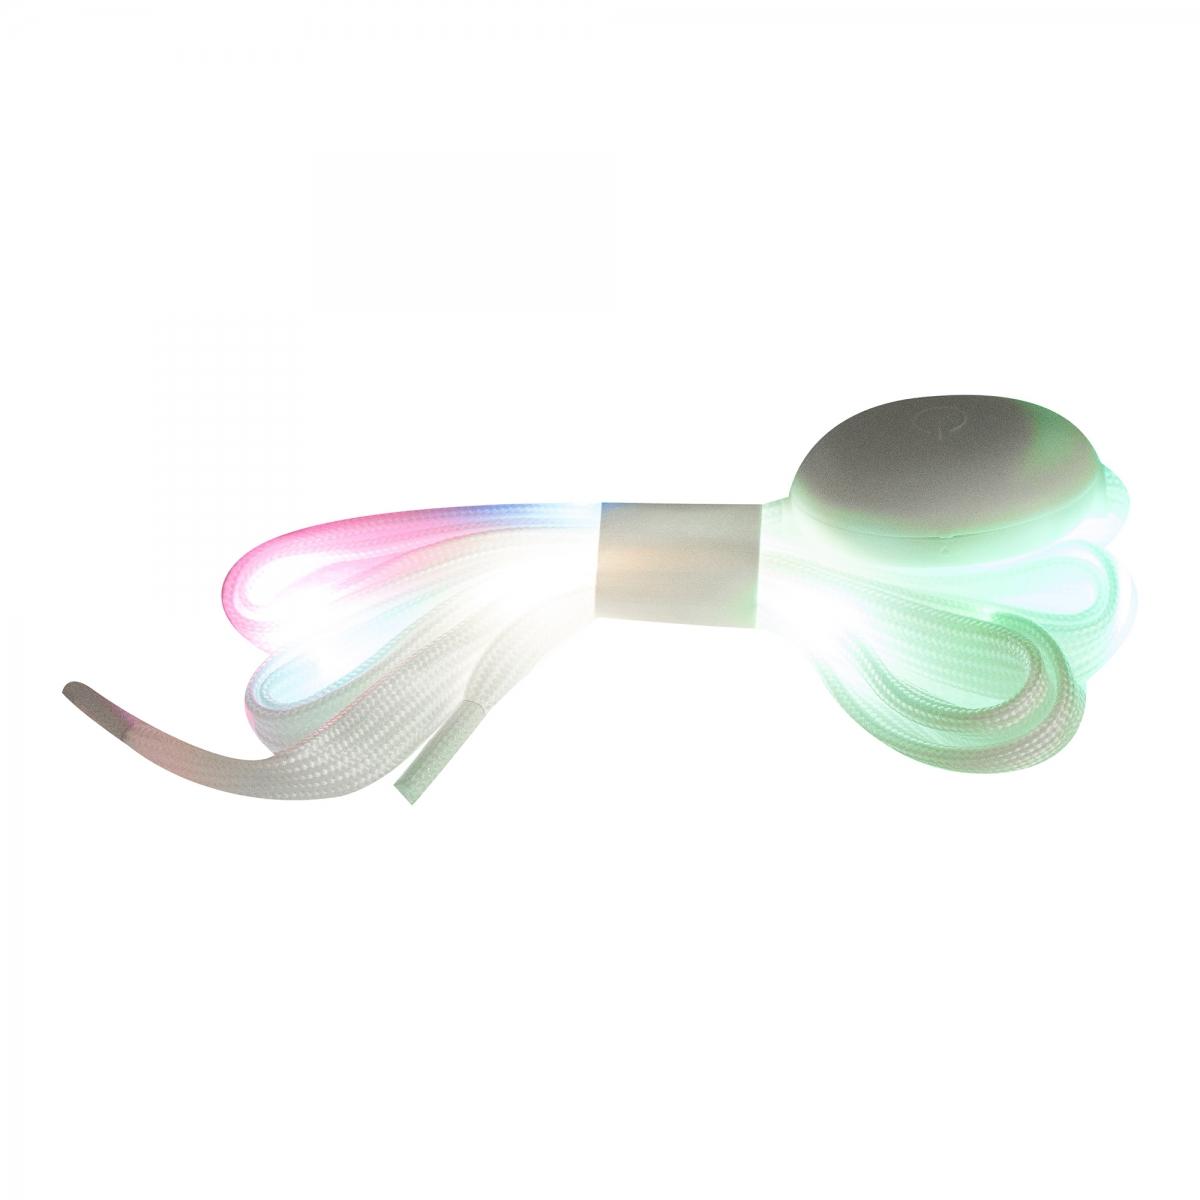 Sireturi cu Led-uri luminoase multicolore led RGB 1787 color